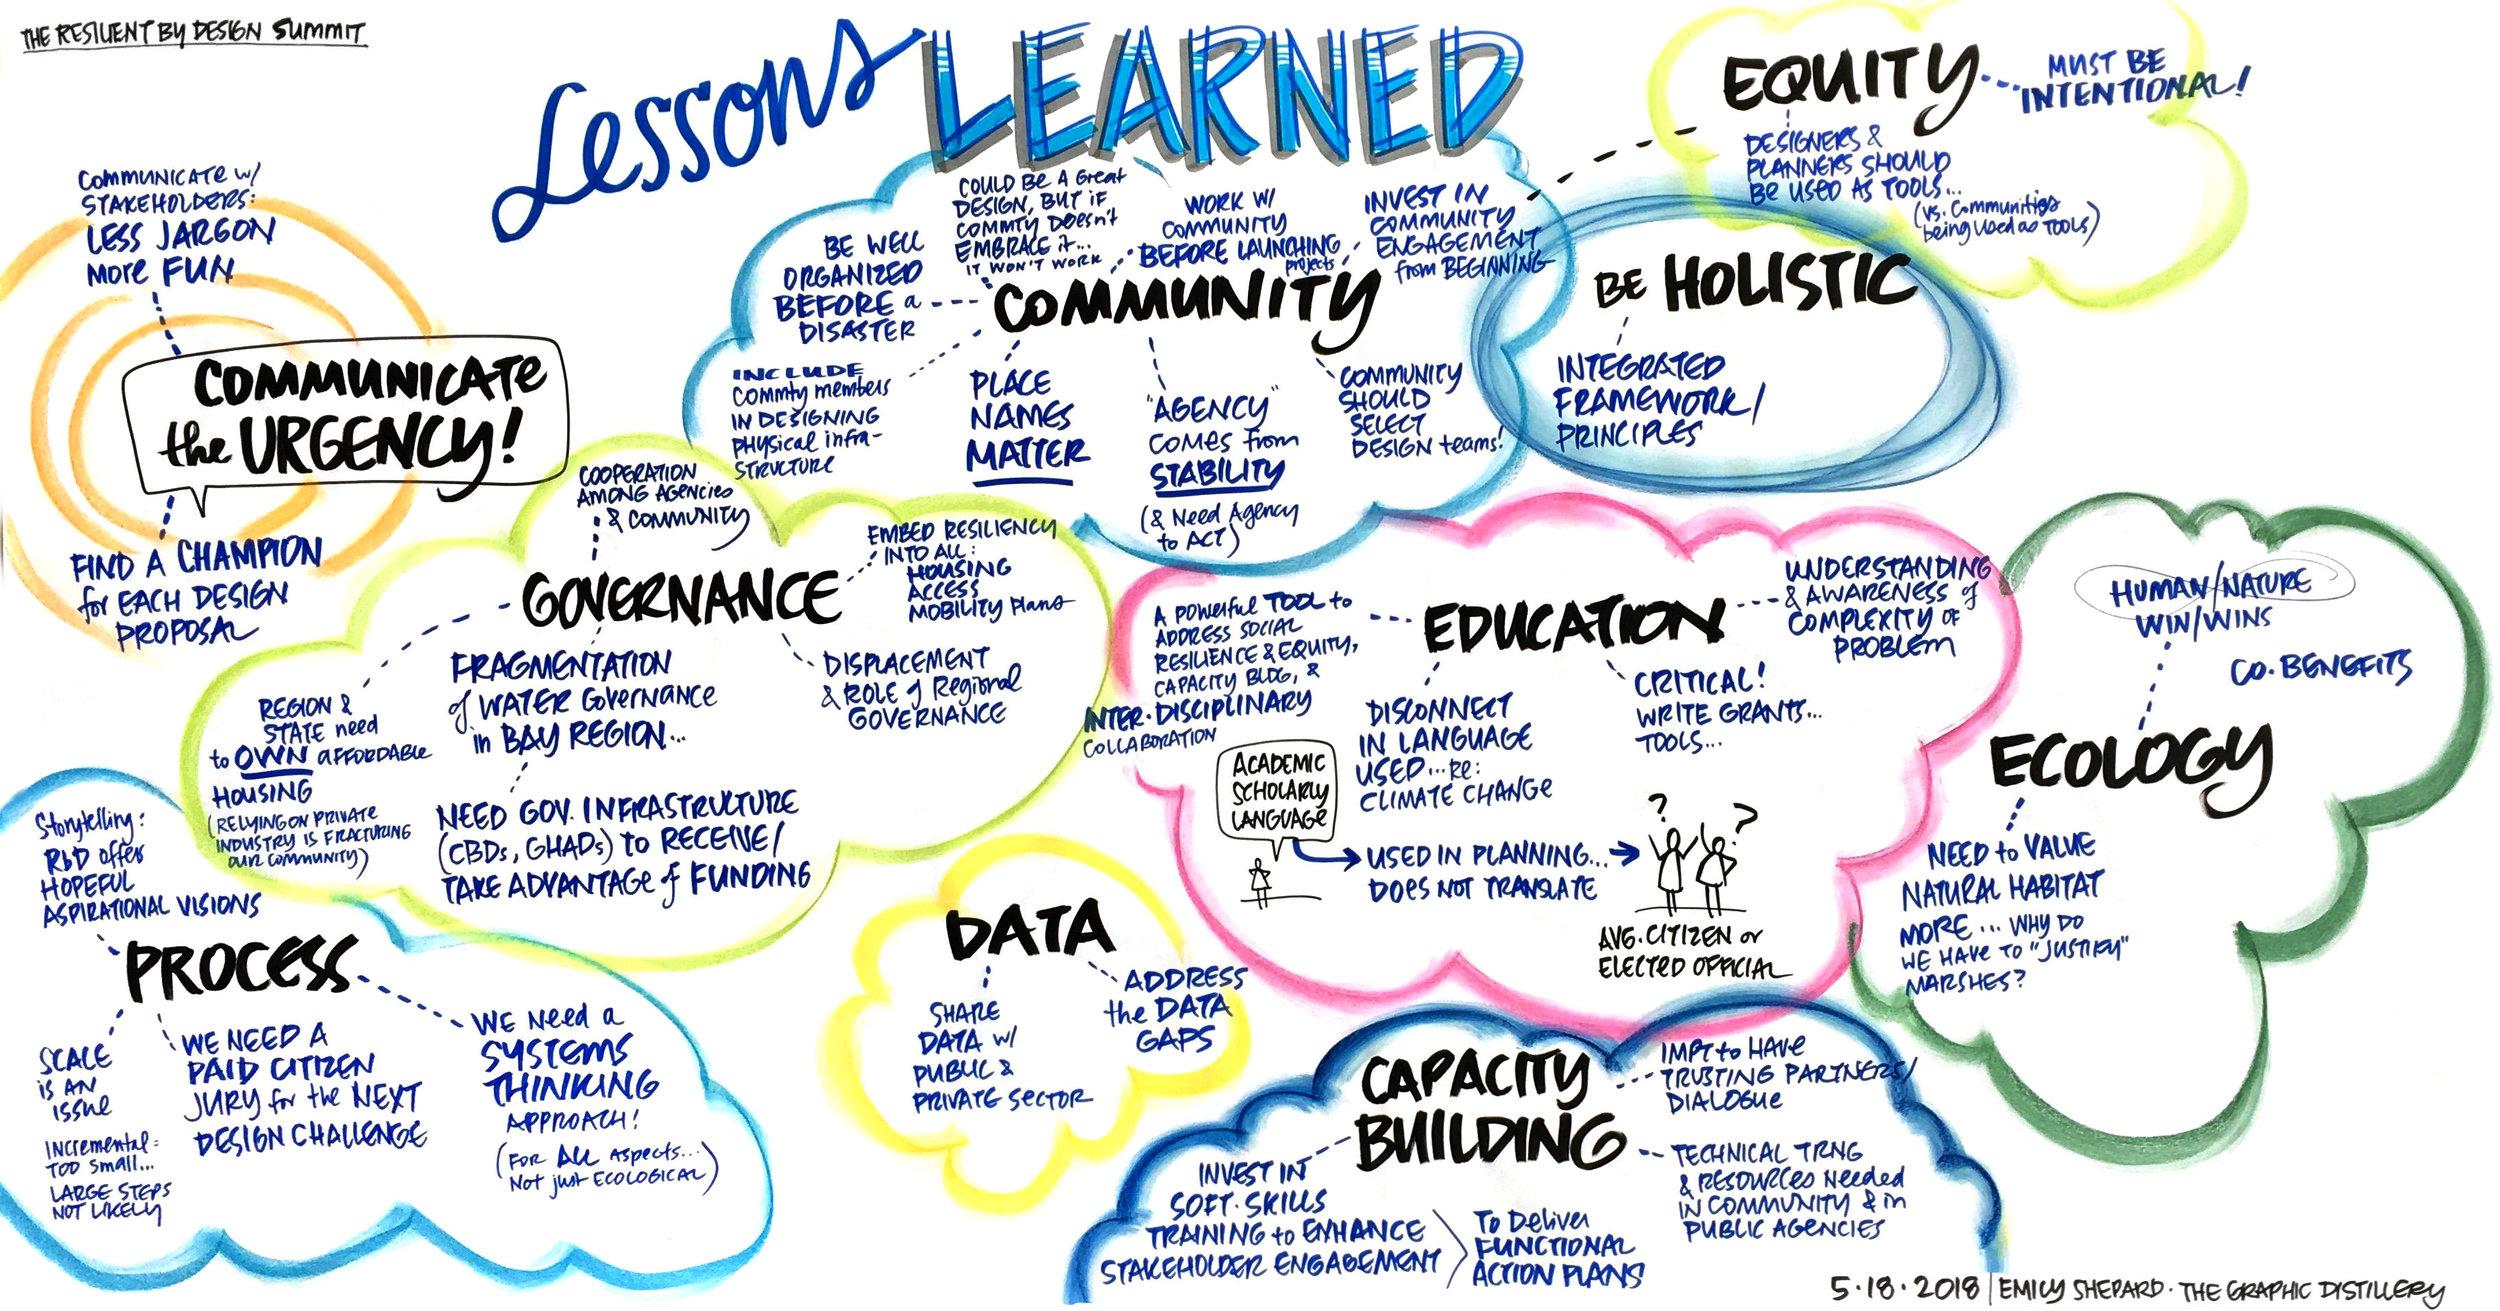 2.LessonsLearned.jpg